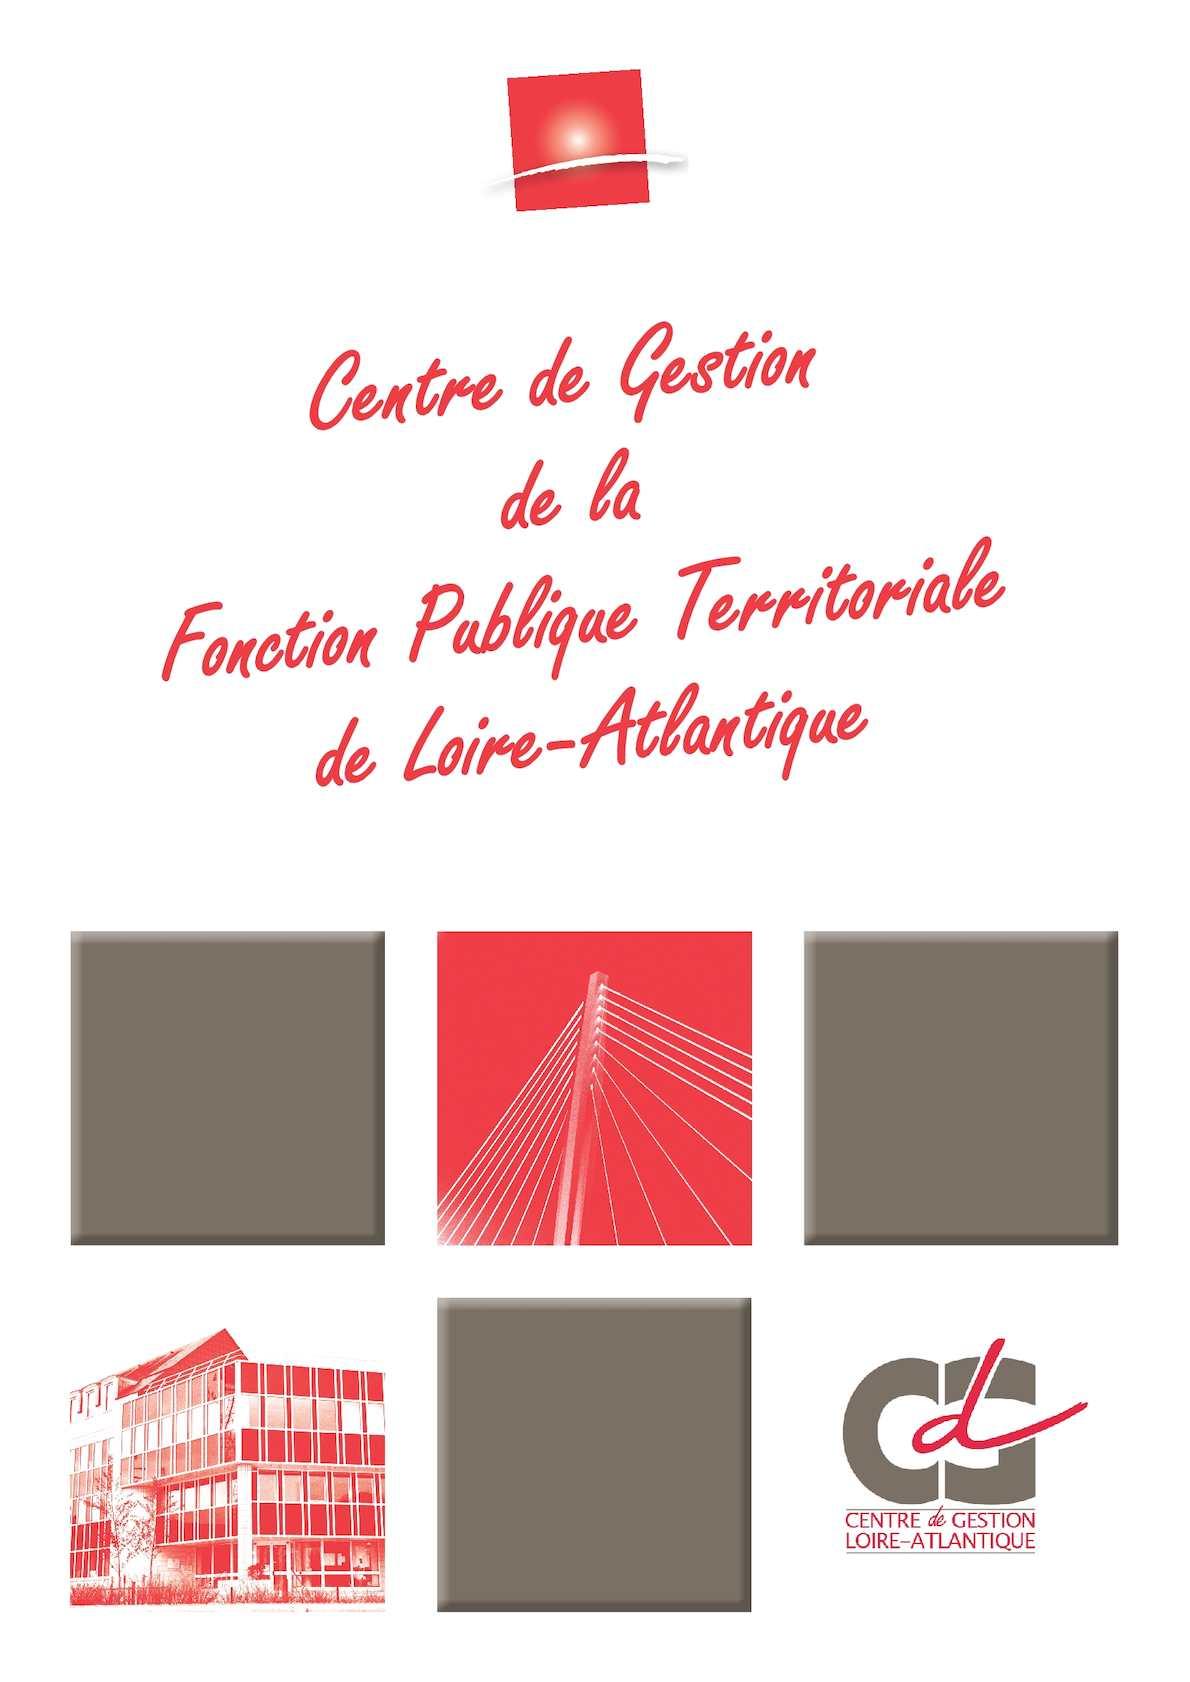 407991a8f72 Calaméo - Plaquette Générale Cdg44